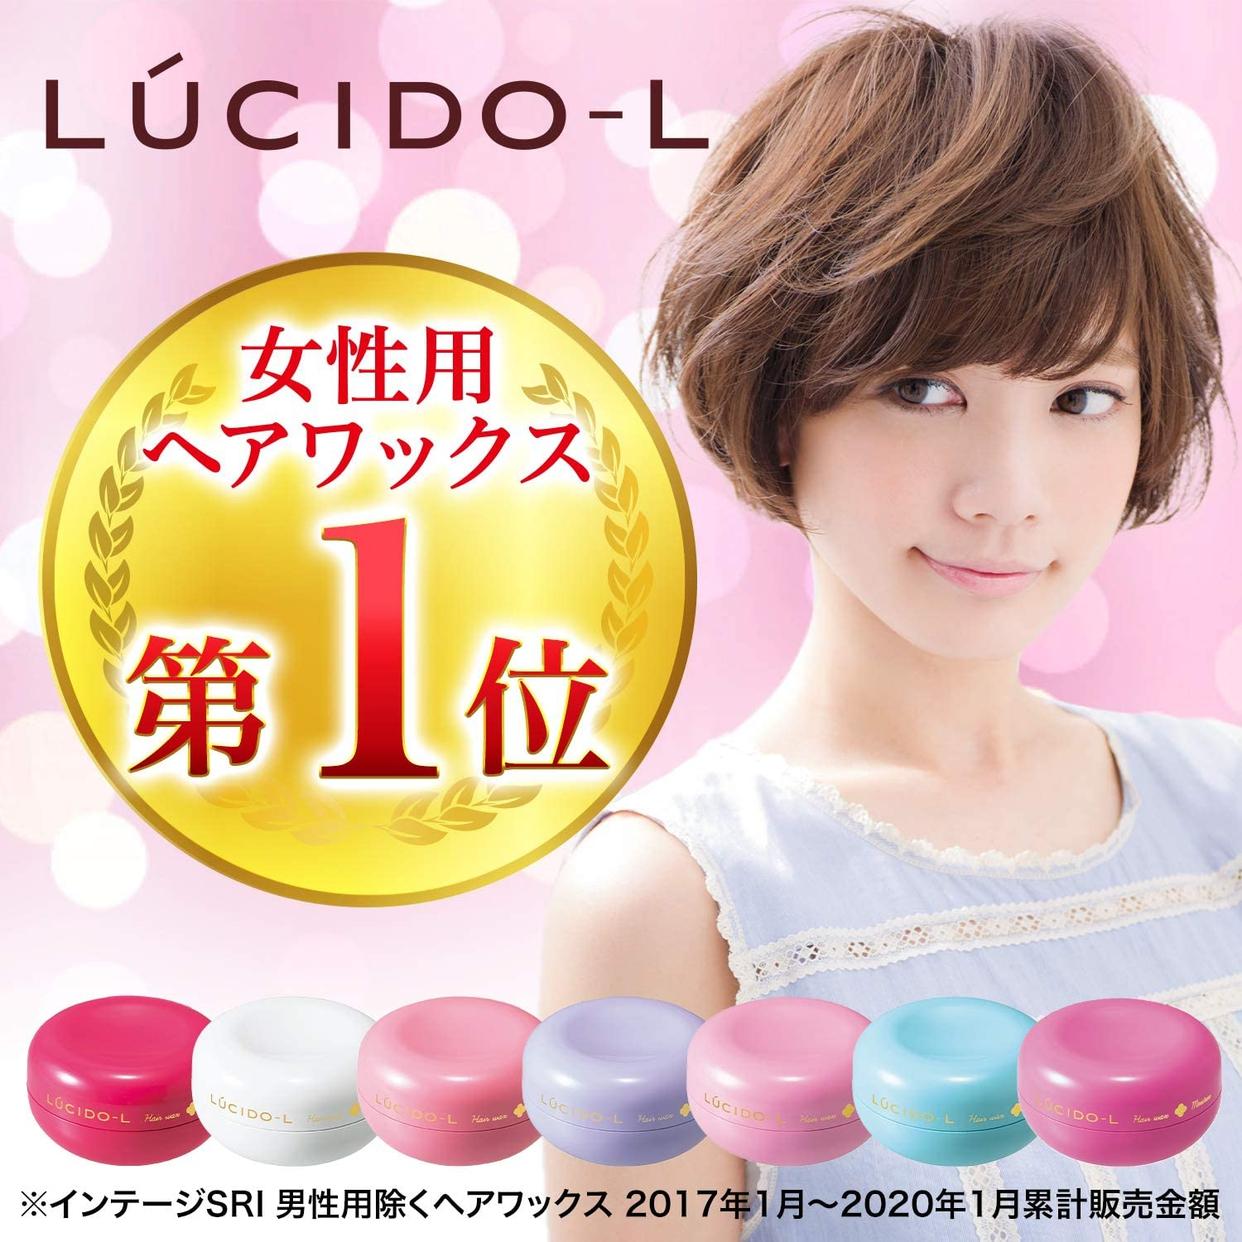 LUCIDO-L(ルシードエル) #ニュアンスデザインワックスの商品画像2